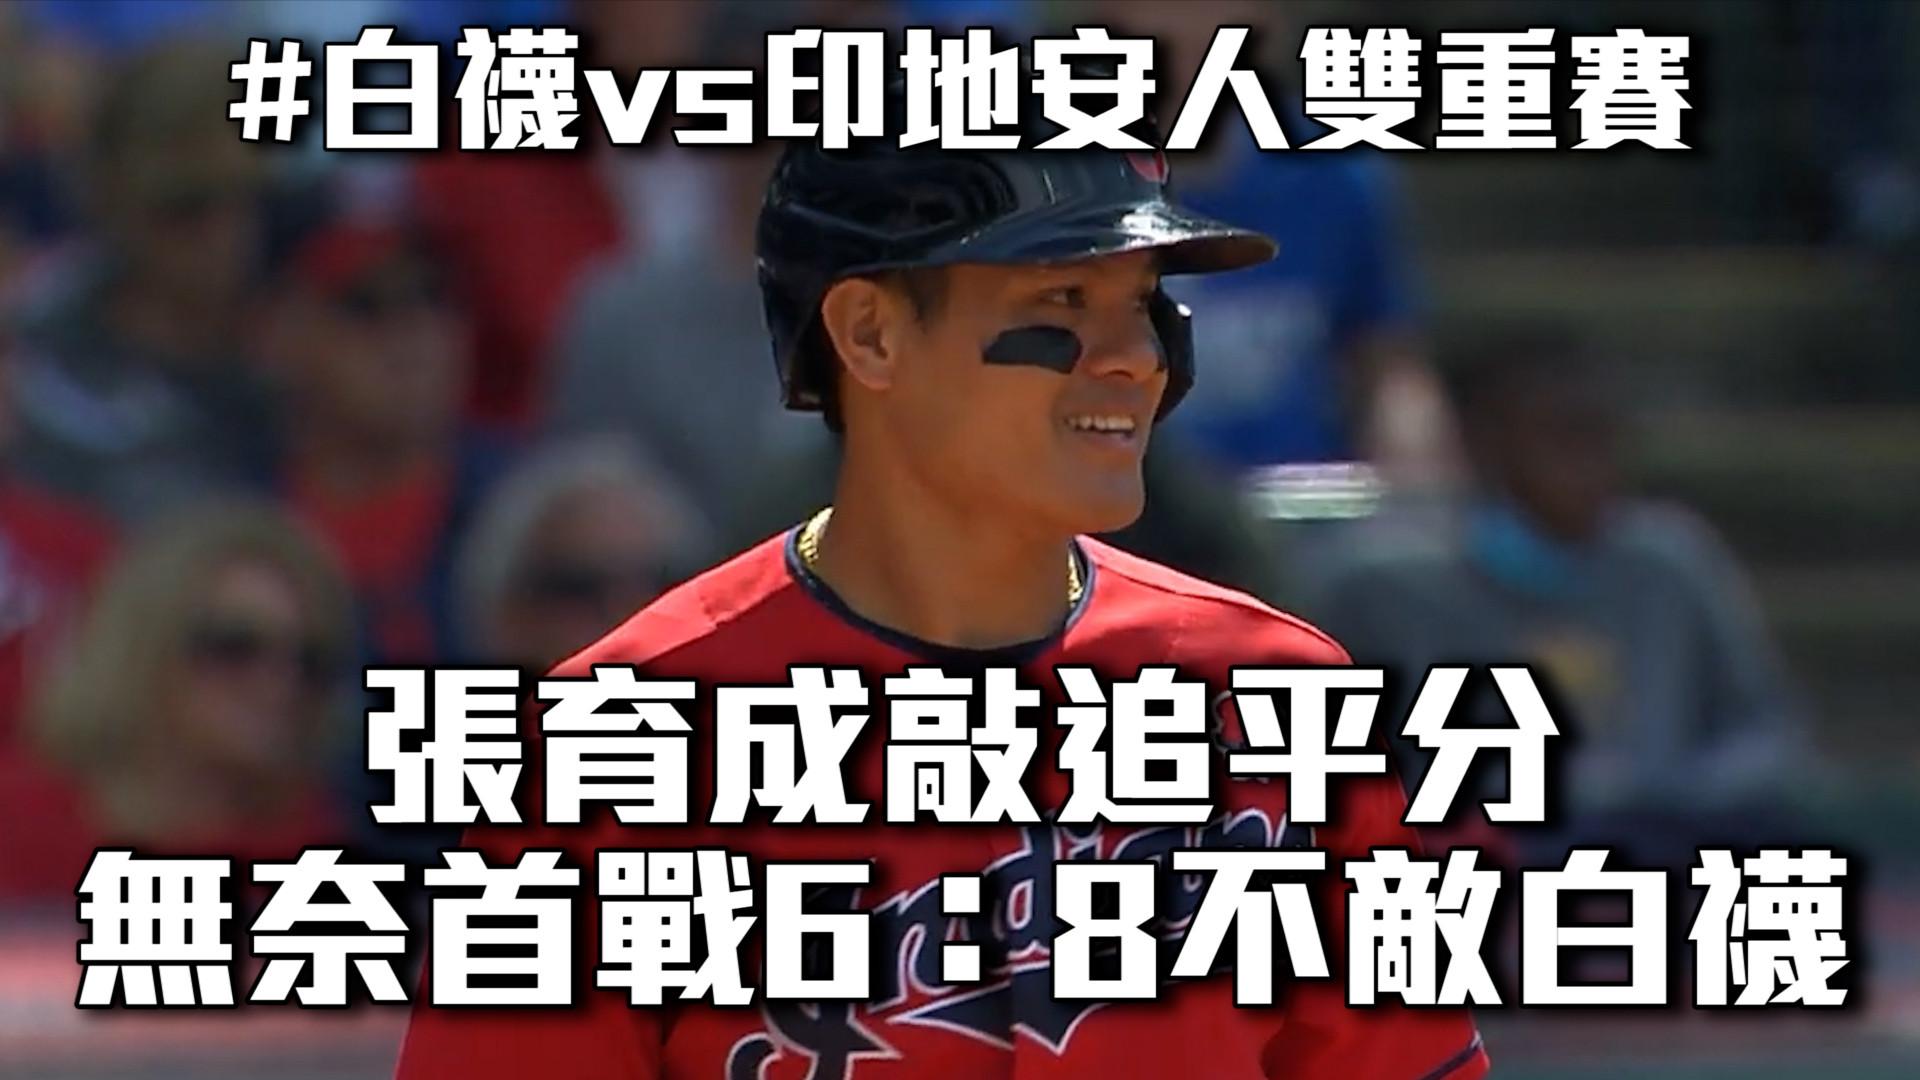 【MLB看愛爾達】張育成敲追平分 無奈首戰6:8不敵白襪 06/01